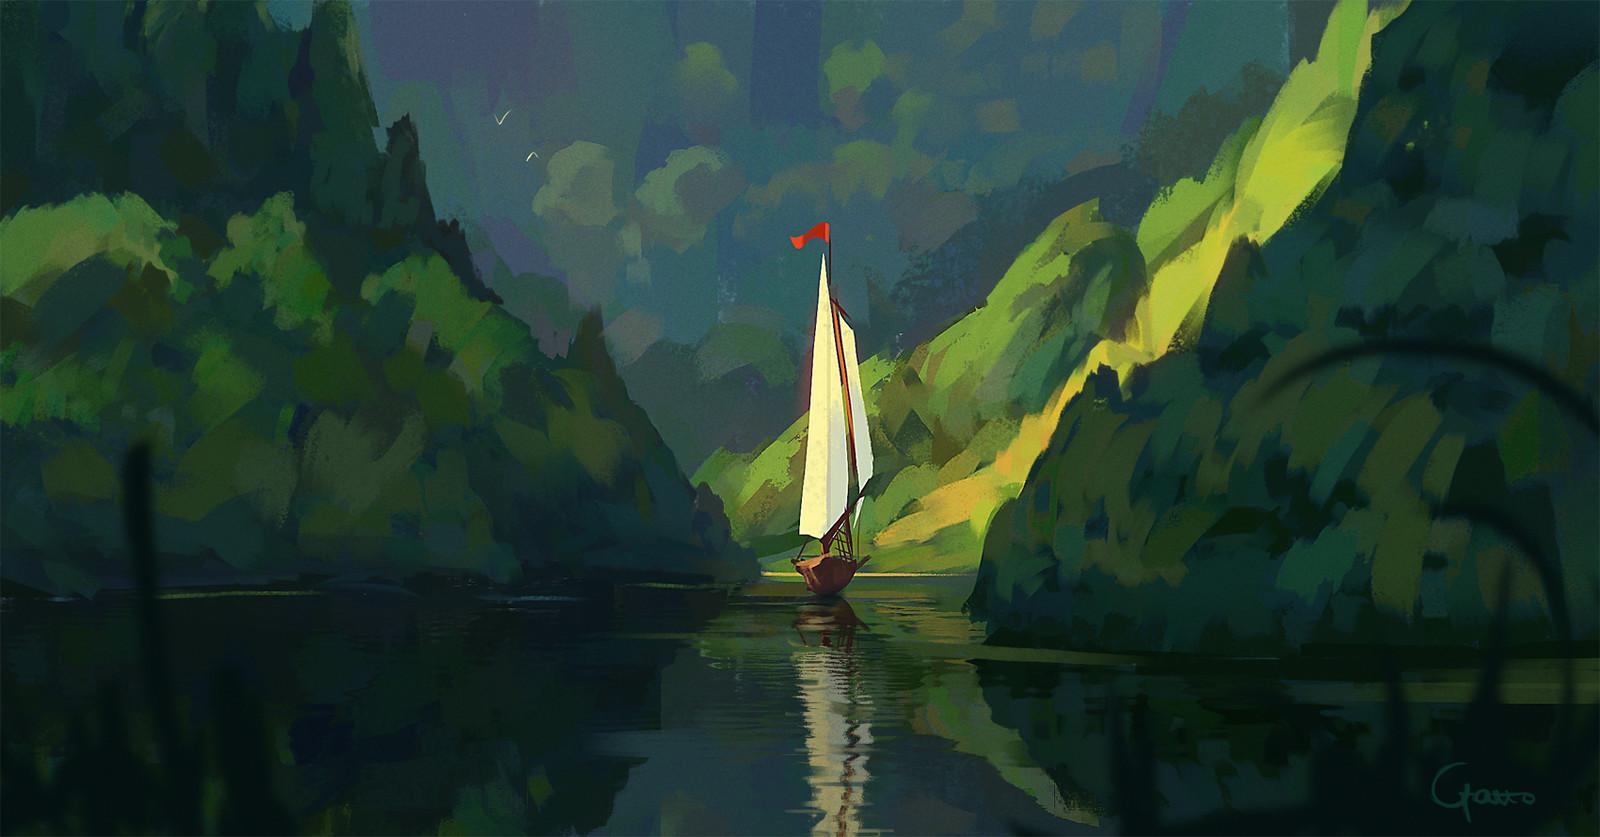 Peaceful cruise